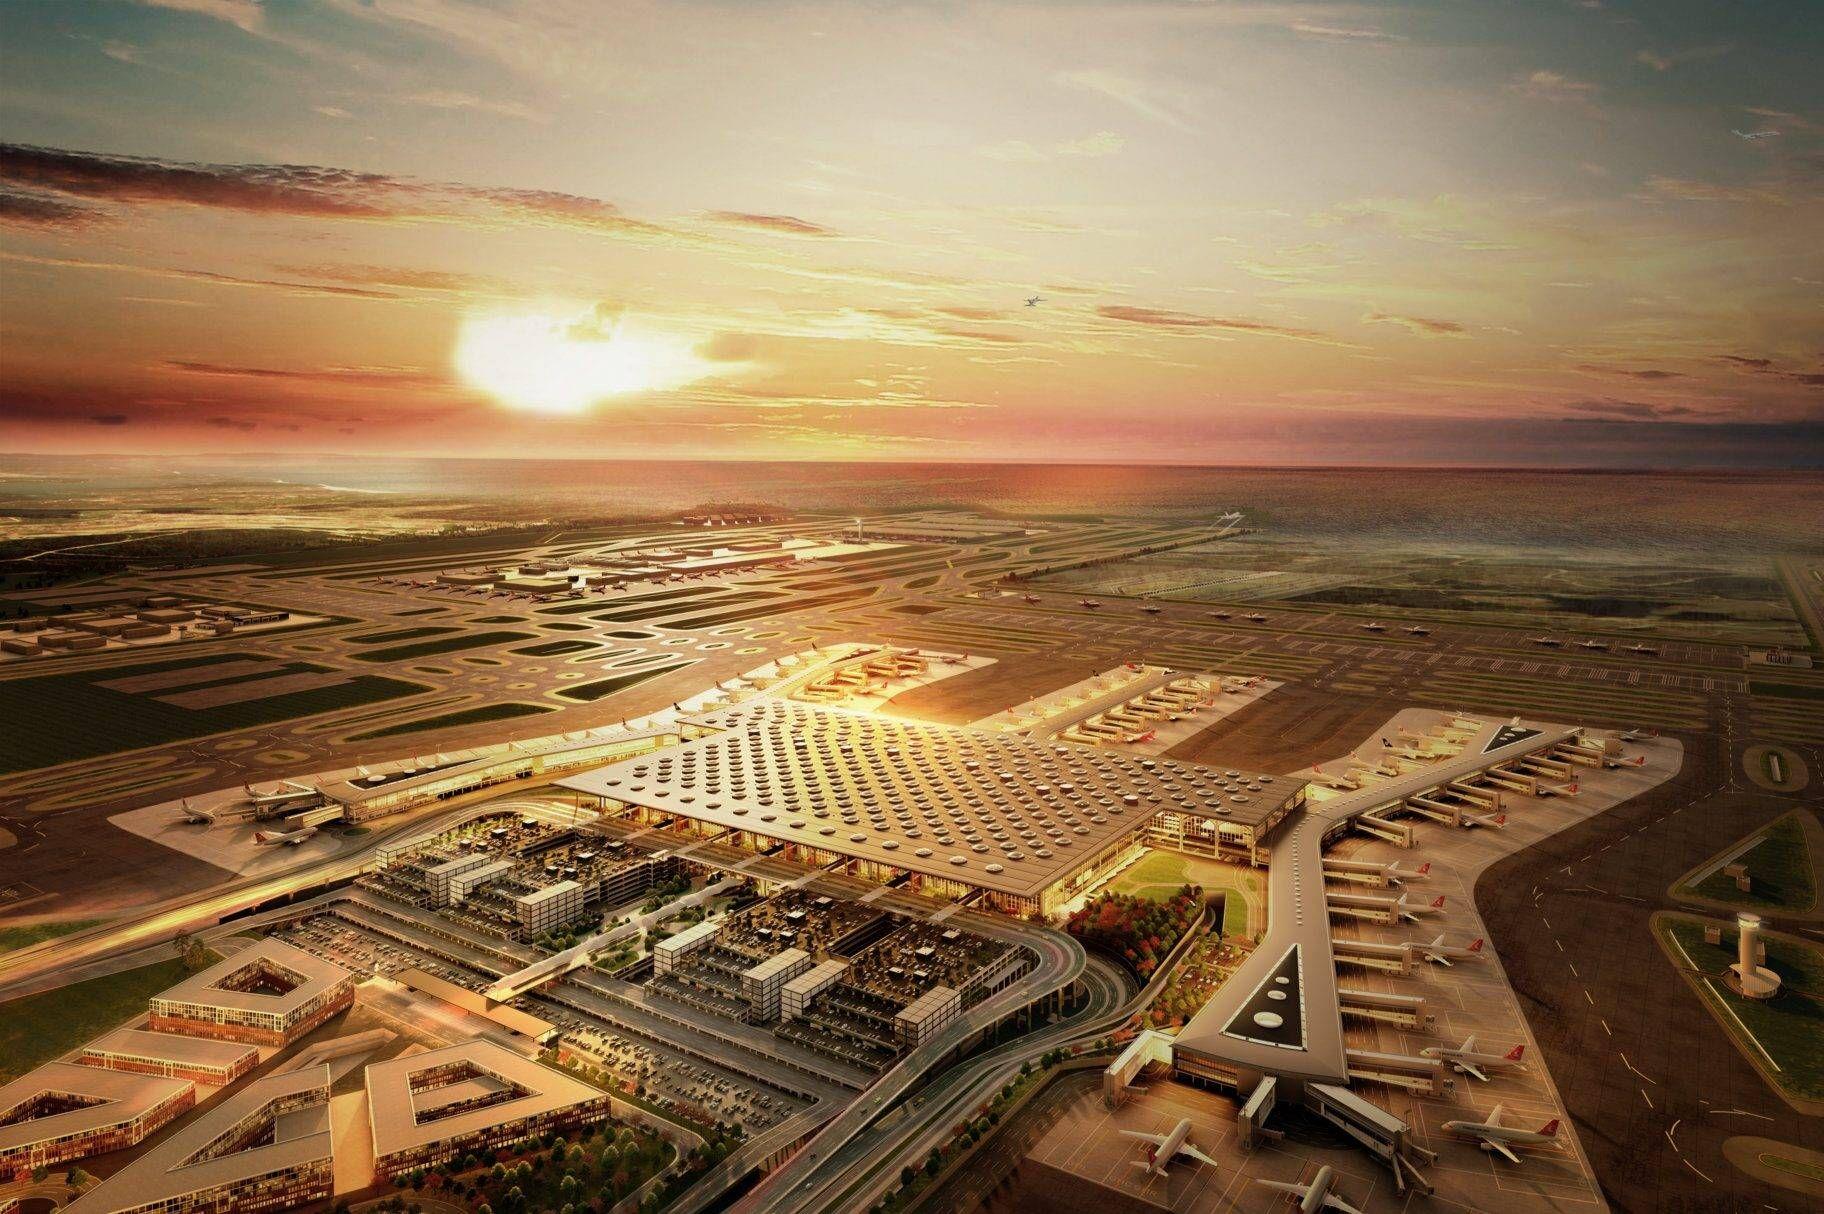 50 000 Tonnen Material wandern vom AtatürkAirport zum